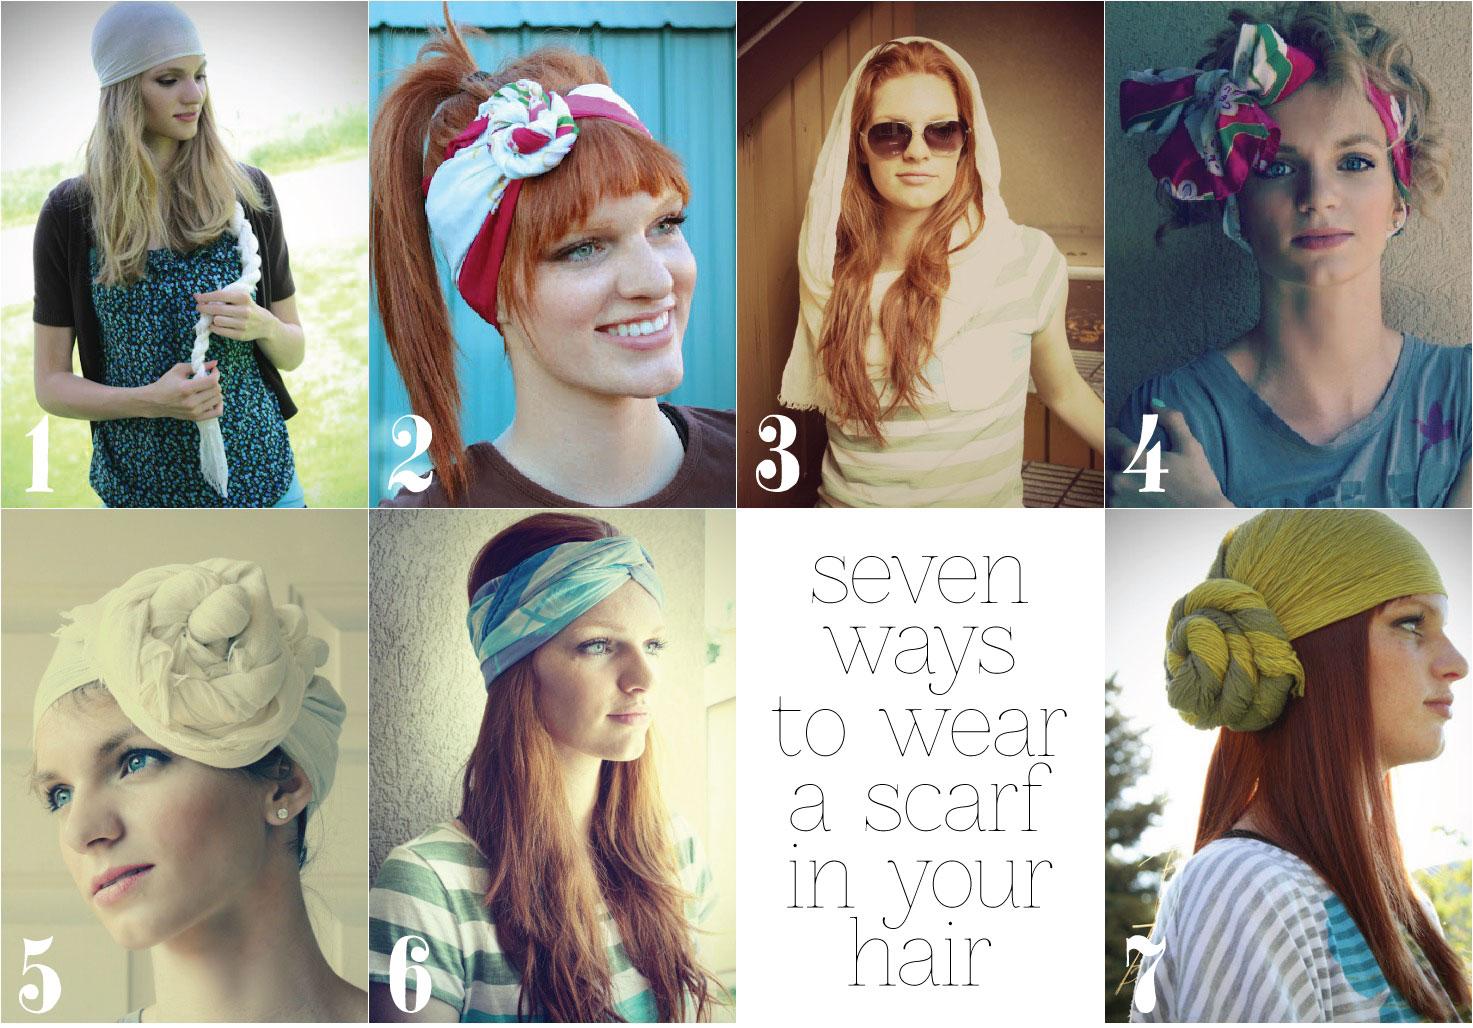 เปลี่ยนผ้าพันคอเป็น accessory เก๋ๆ ด้วยเทคนิค Many Ways to wear a scarf